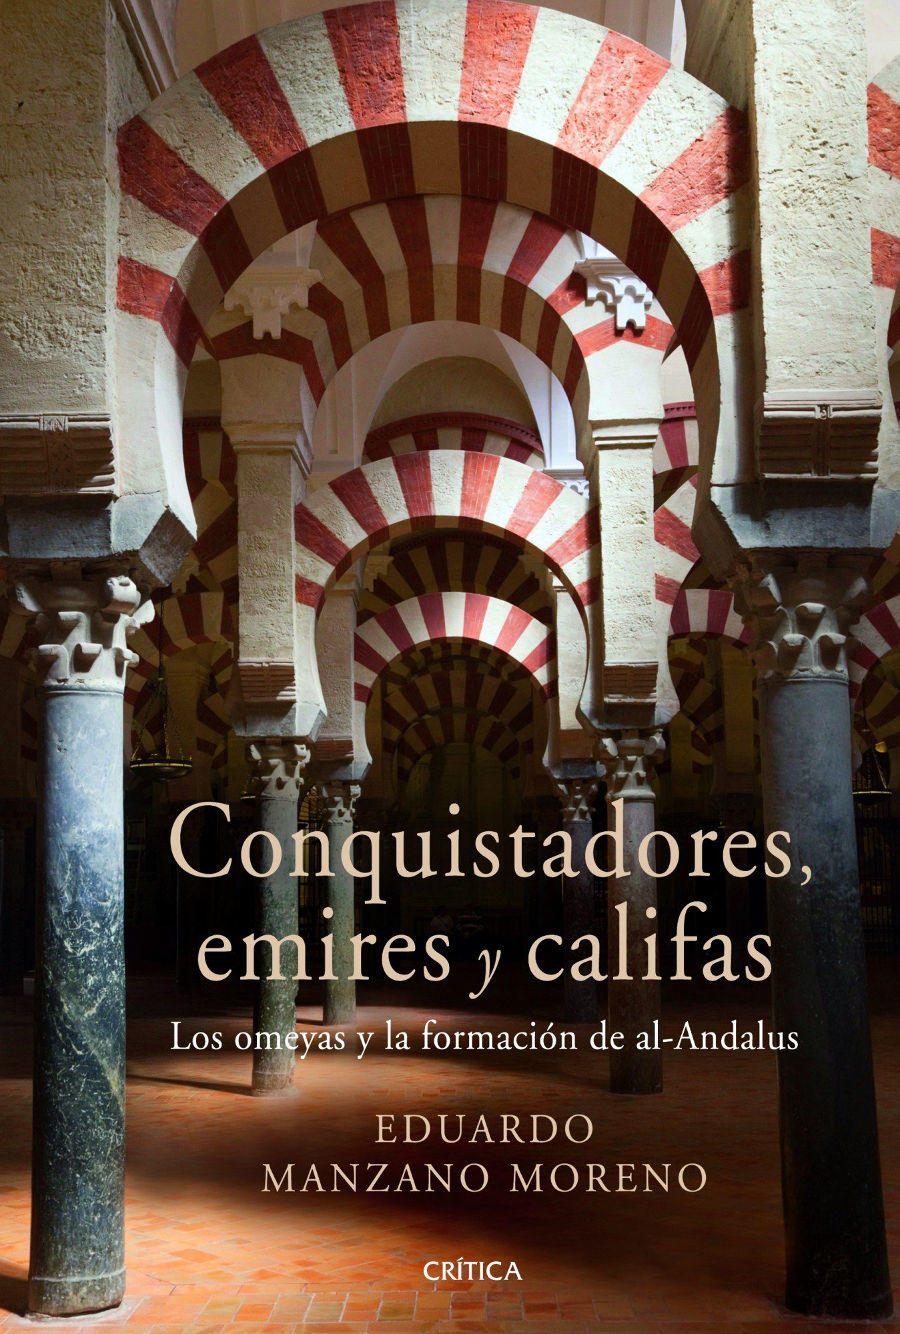 Conquistadores, emires y califas: Los omeyas y la formación de al-Andalus Book Cover